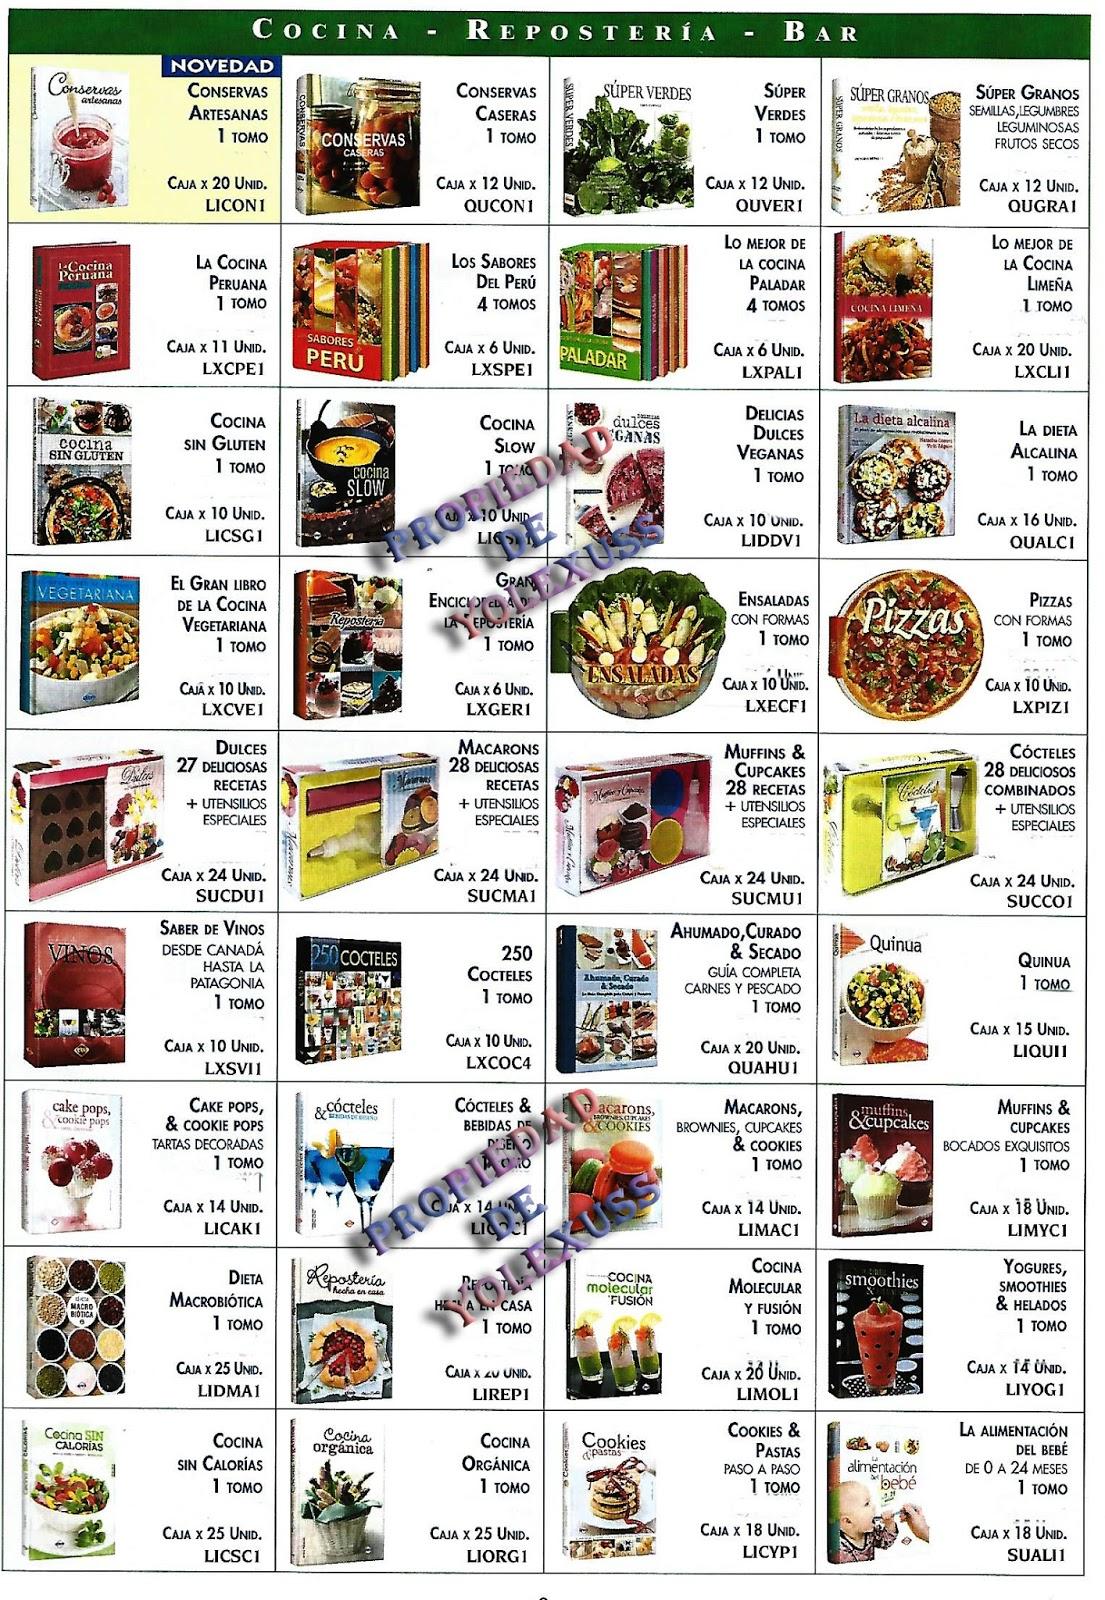 Libro de cocina molecular y fusi n novedad s 79 sroct for Libros de cocina molecular